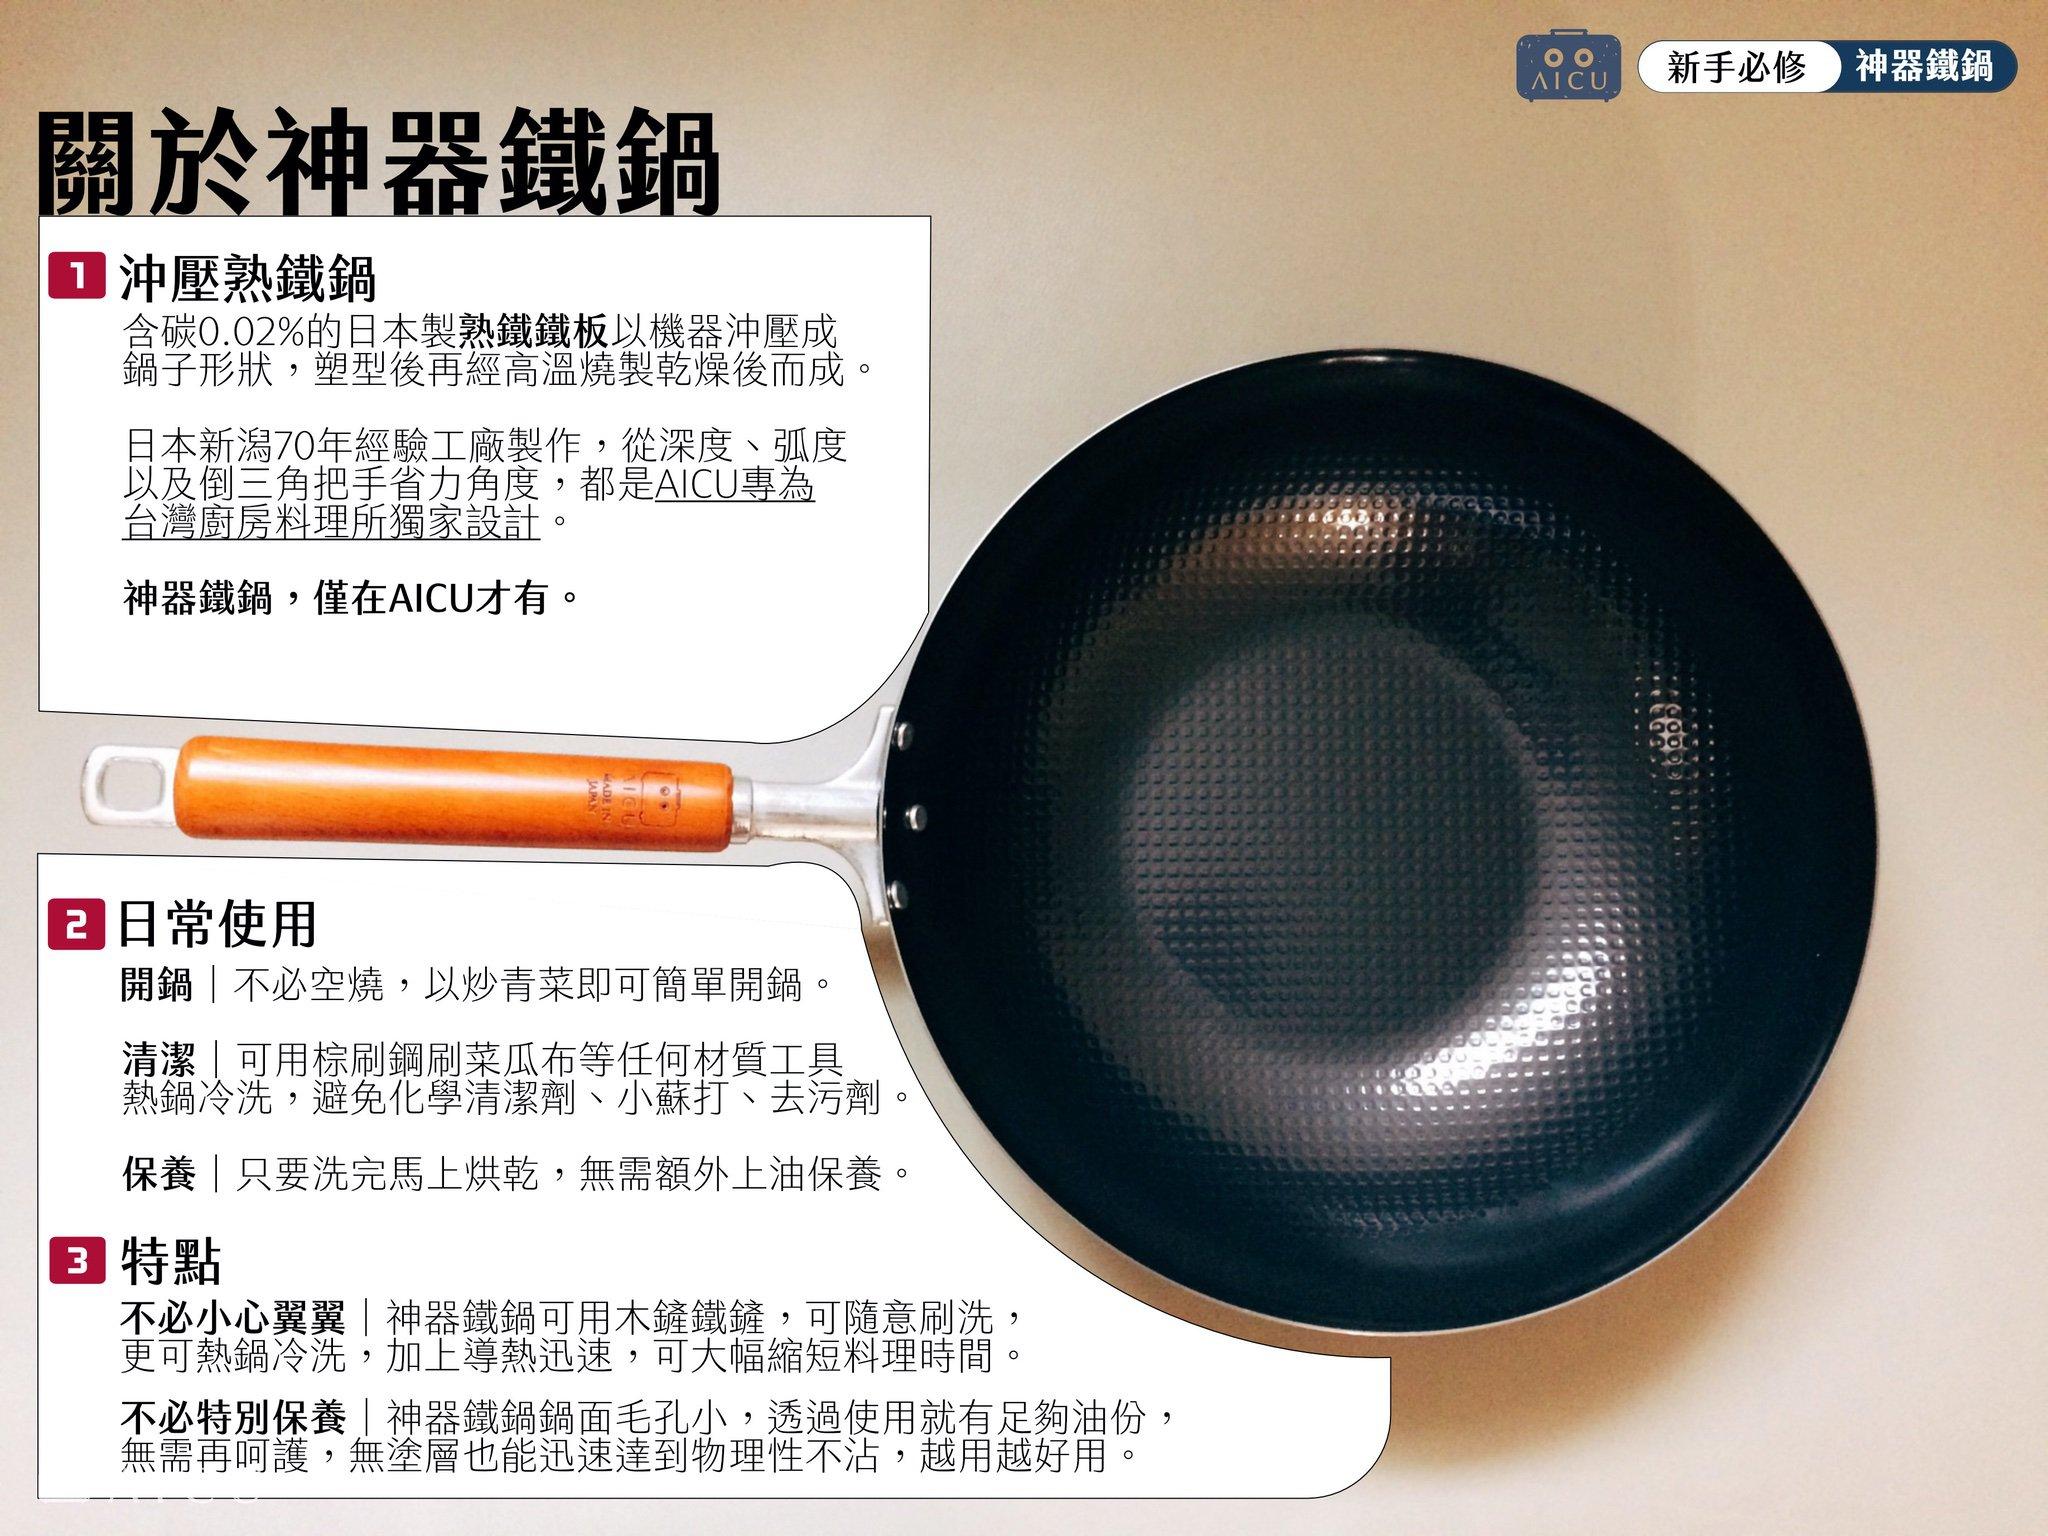 煮人的神器鐵鍋